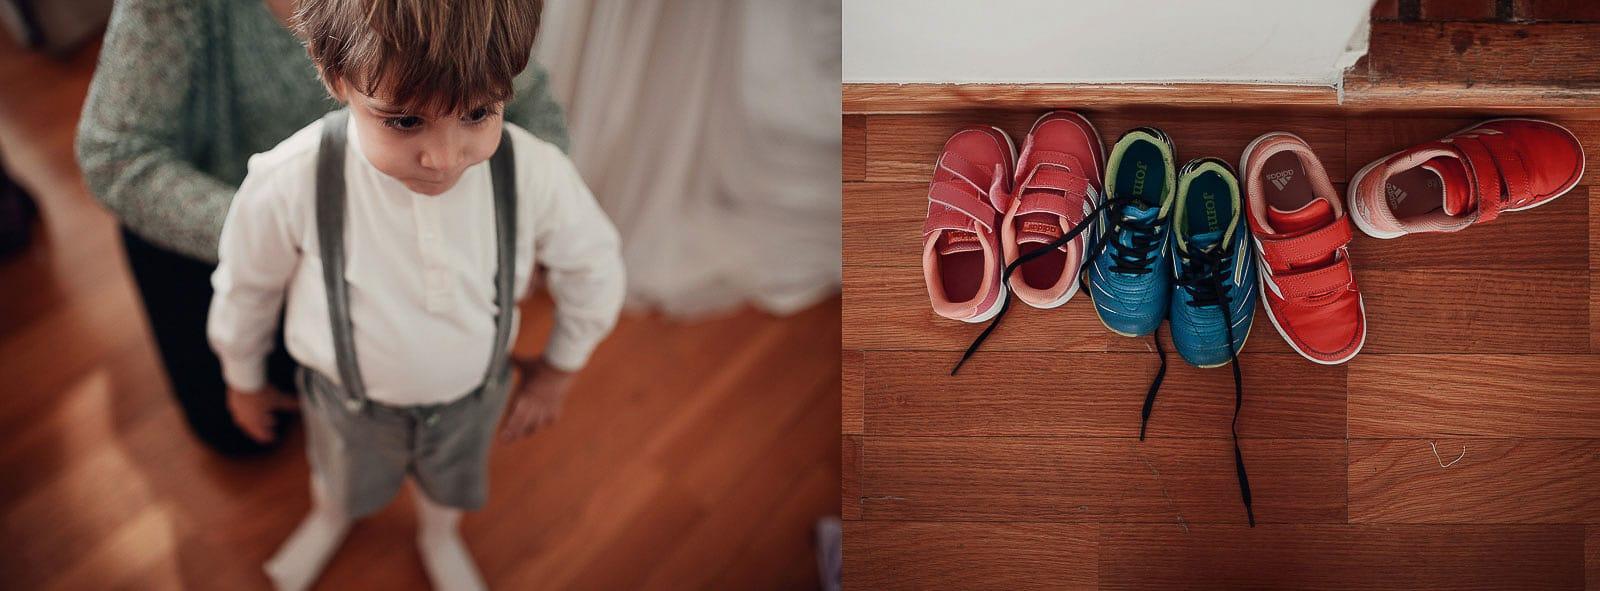 niño tirantes zapatos boda